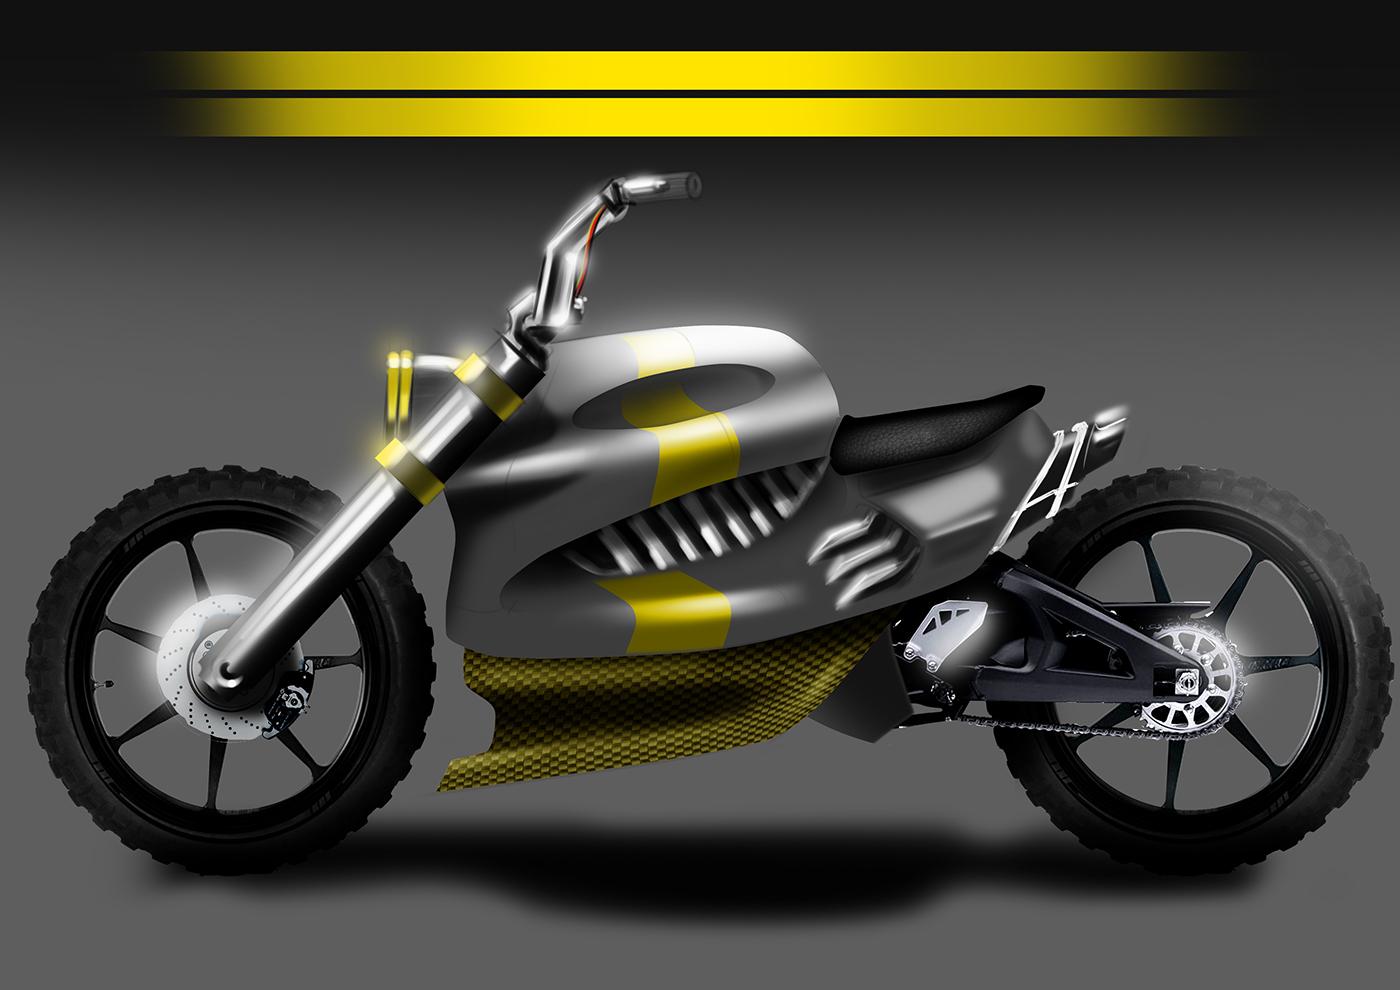 Motorcycle photoshop